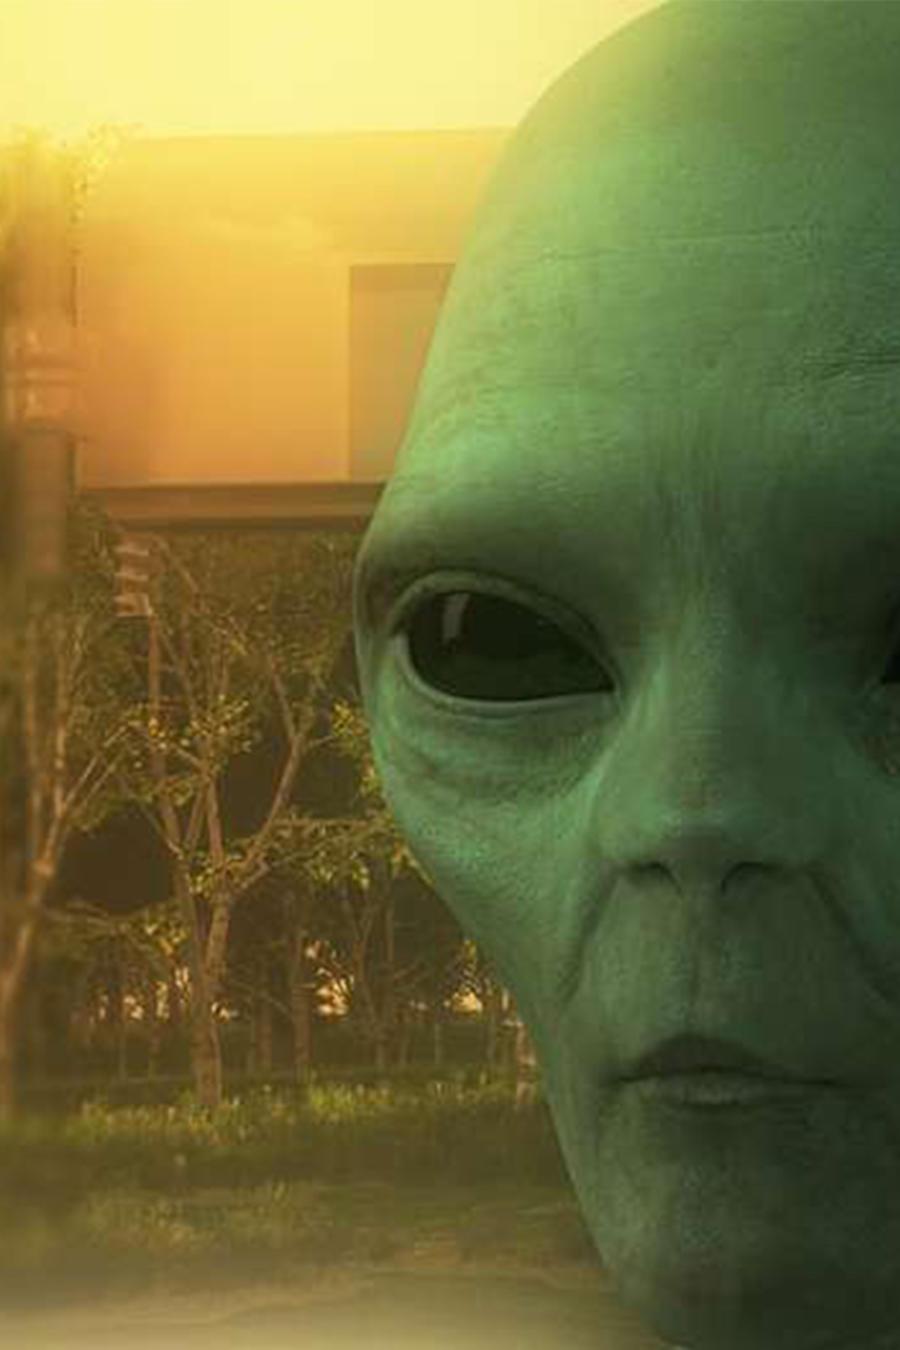 Analizan el impacto de una posible llegada de extraterrestres a la Tierra